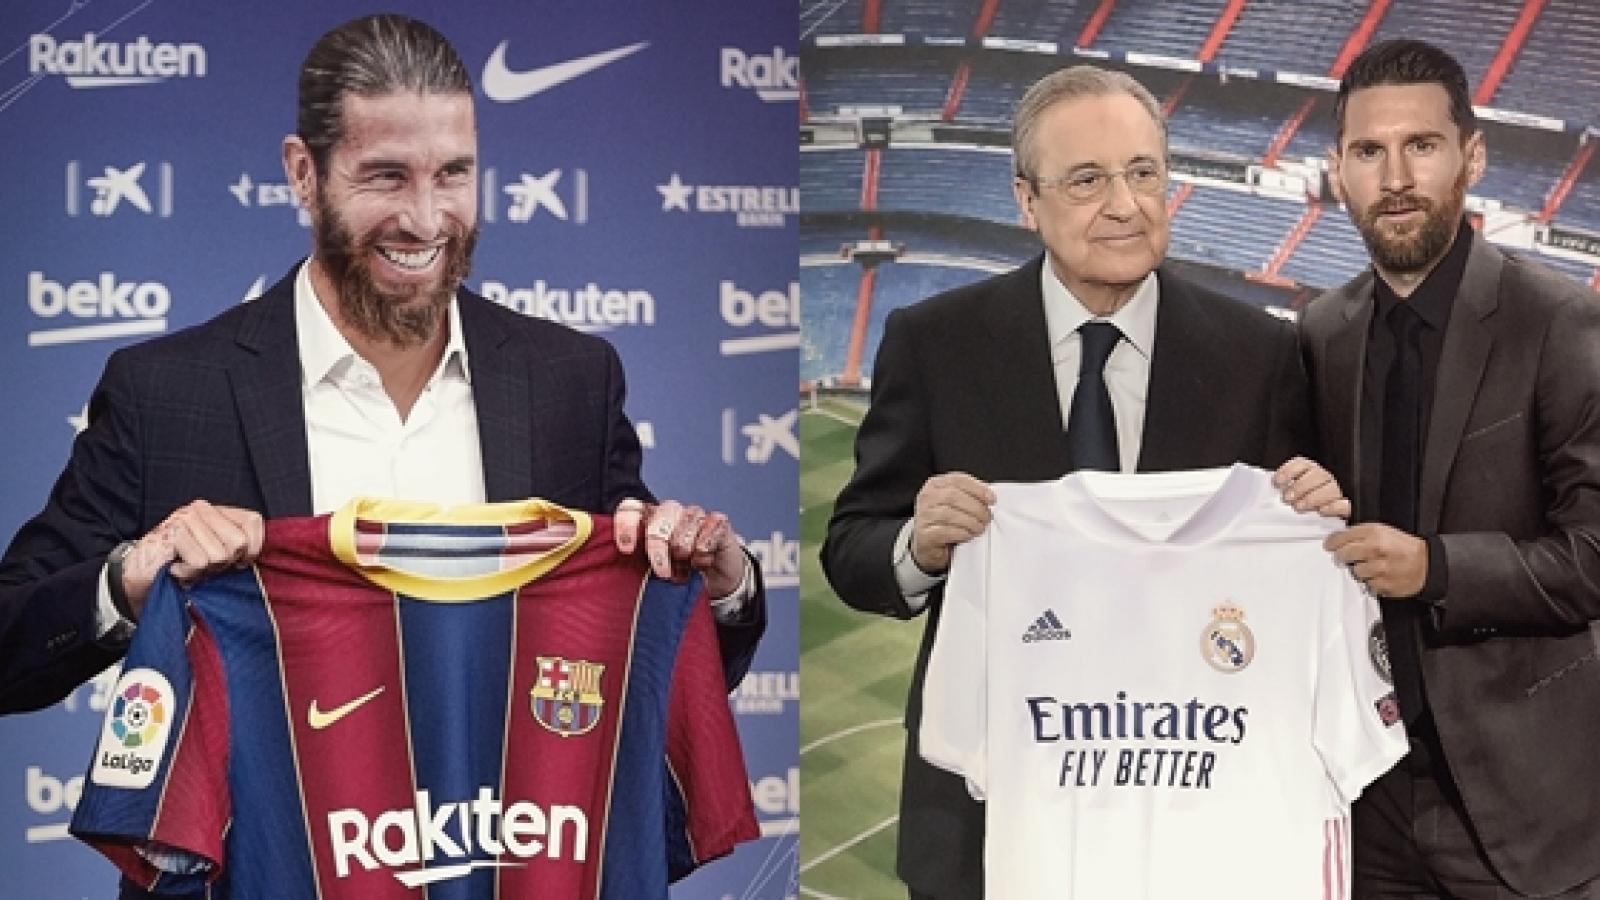 Vũ trụ bóng đá ngược đời: Messi khoác áo Real, Ramos gia nhập Barca